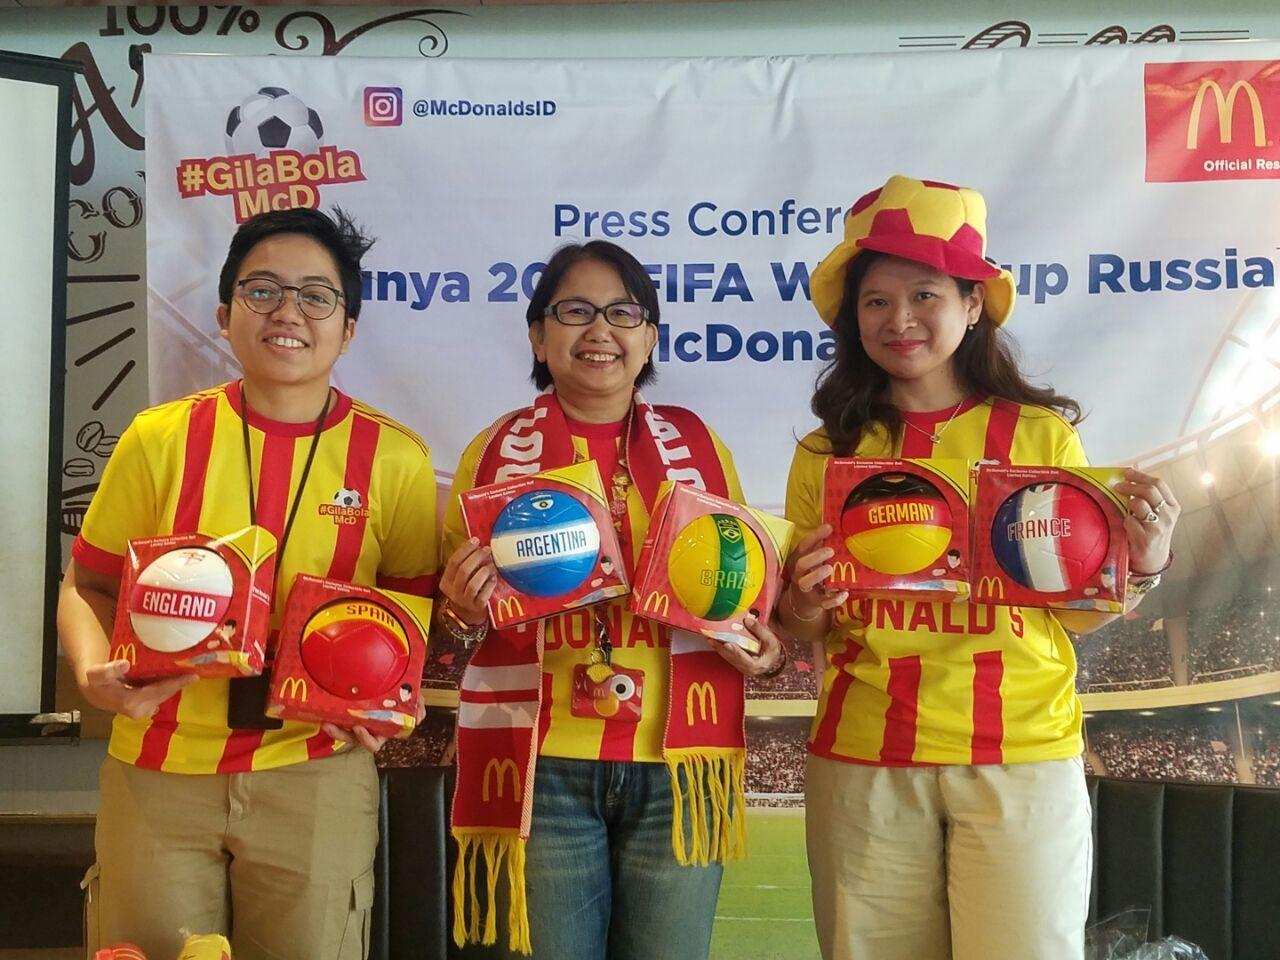 McDonalds Indonesia Luncurkan Program Untuk Piala Dunia